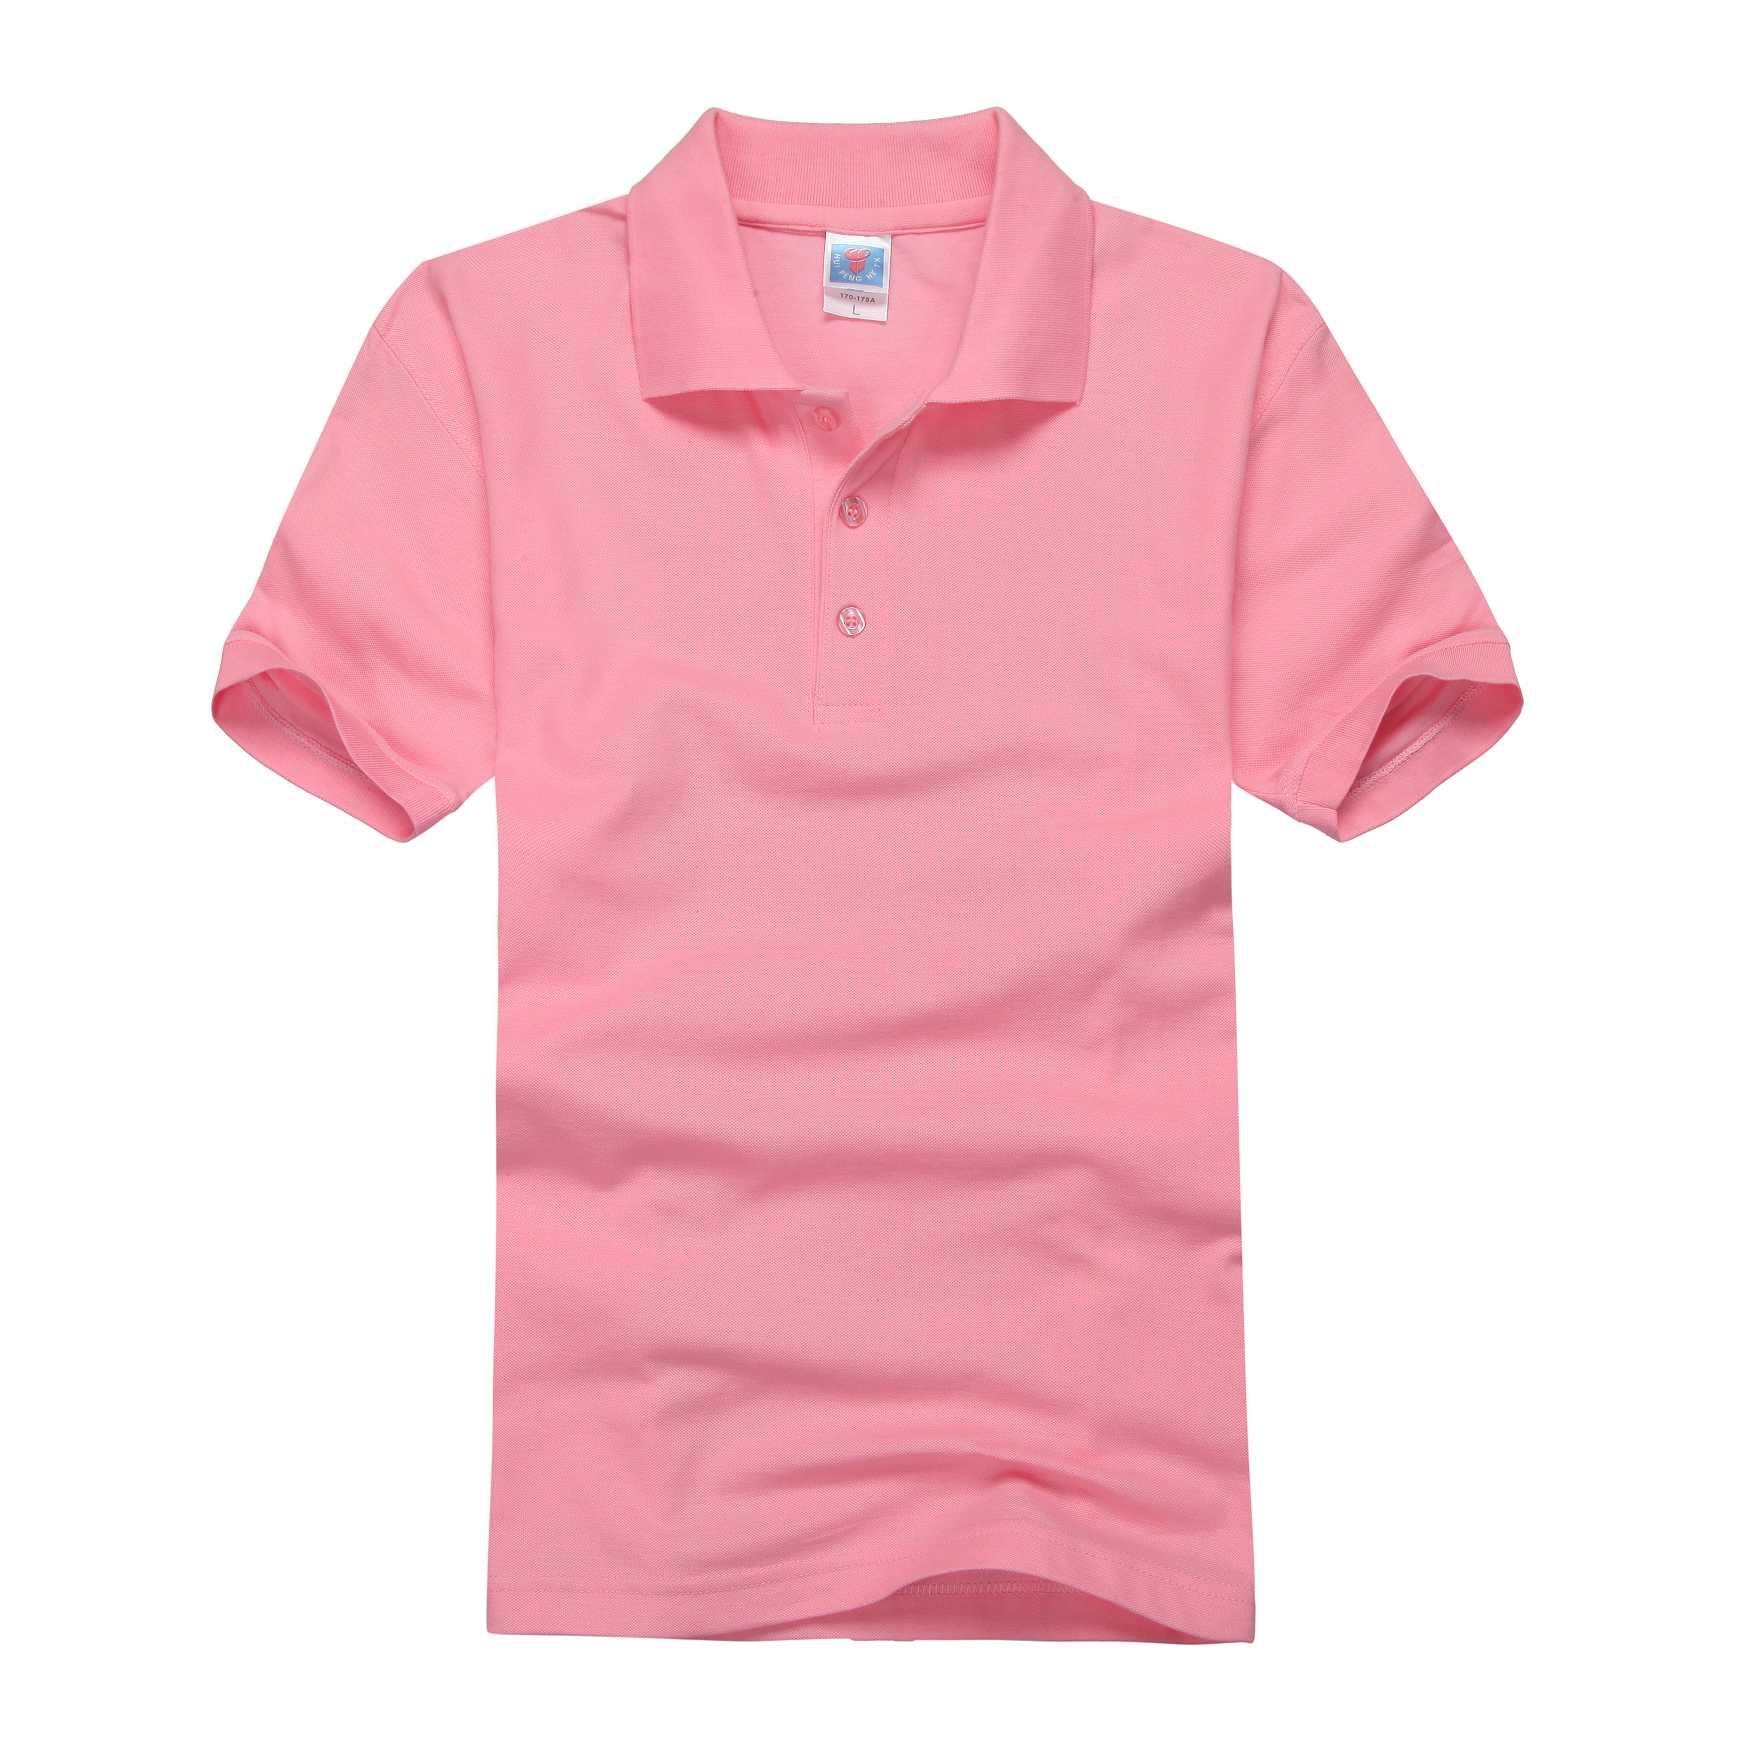 海珠区工作服,T恤衫广告衫文化衫定做的成本控制